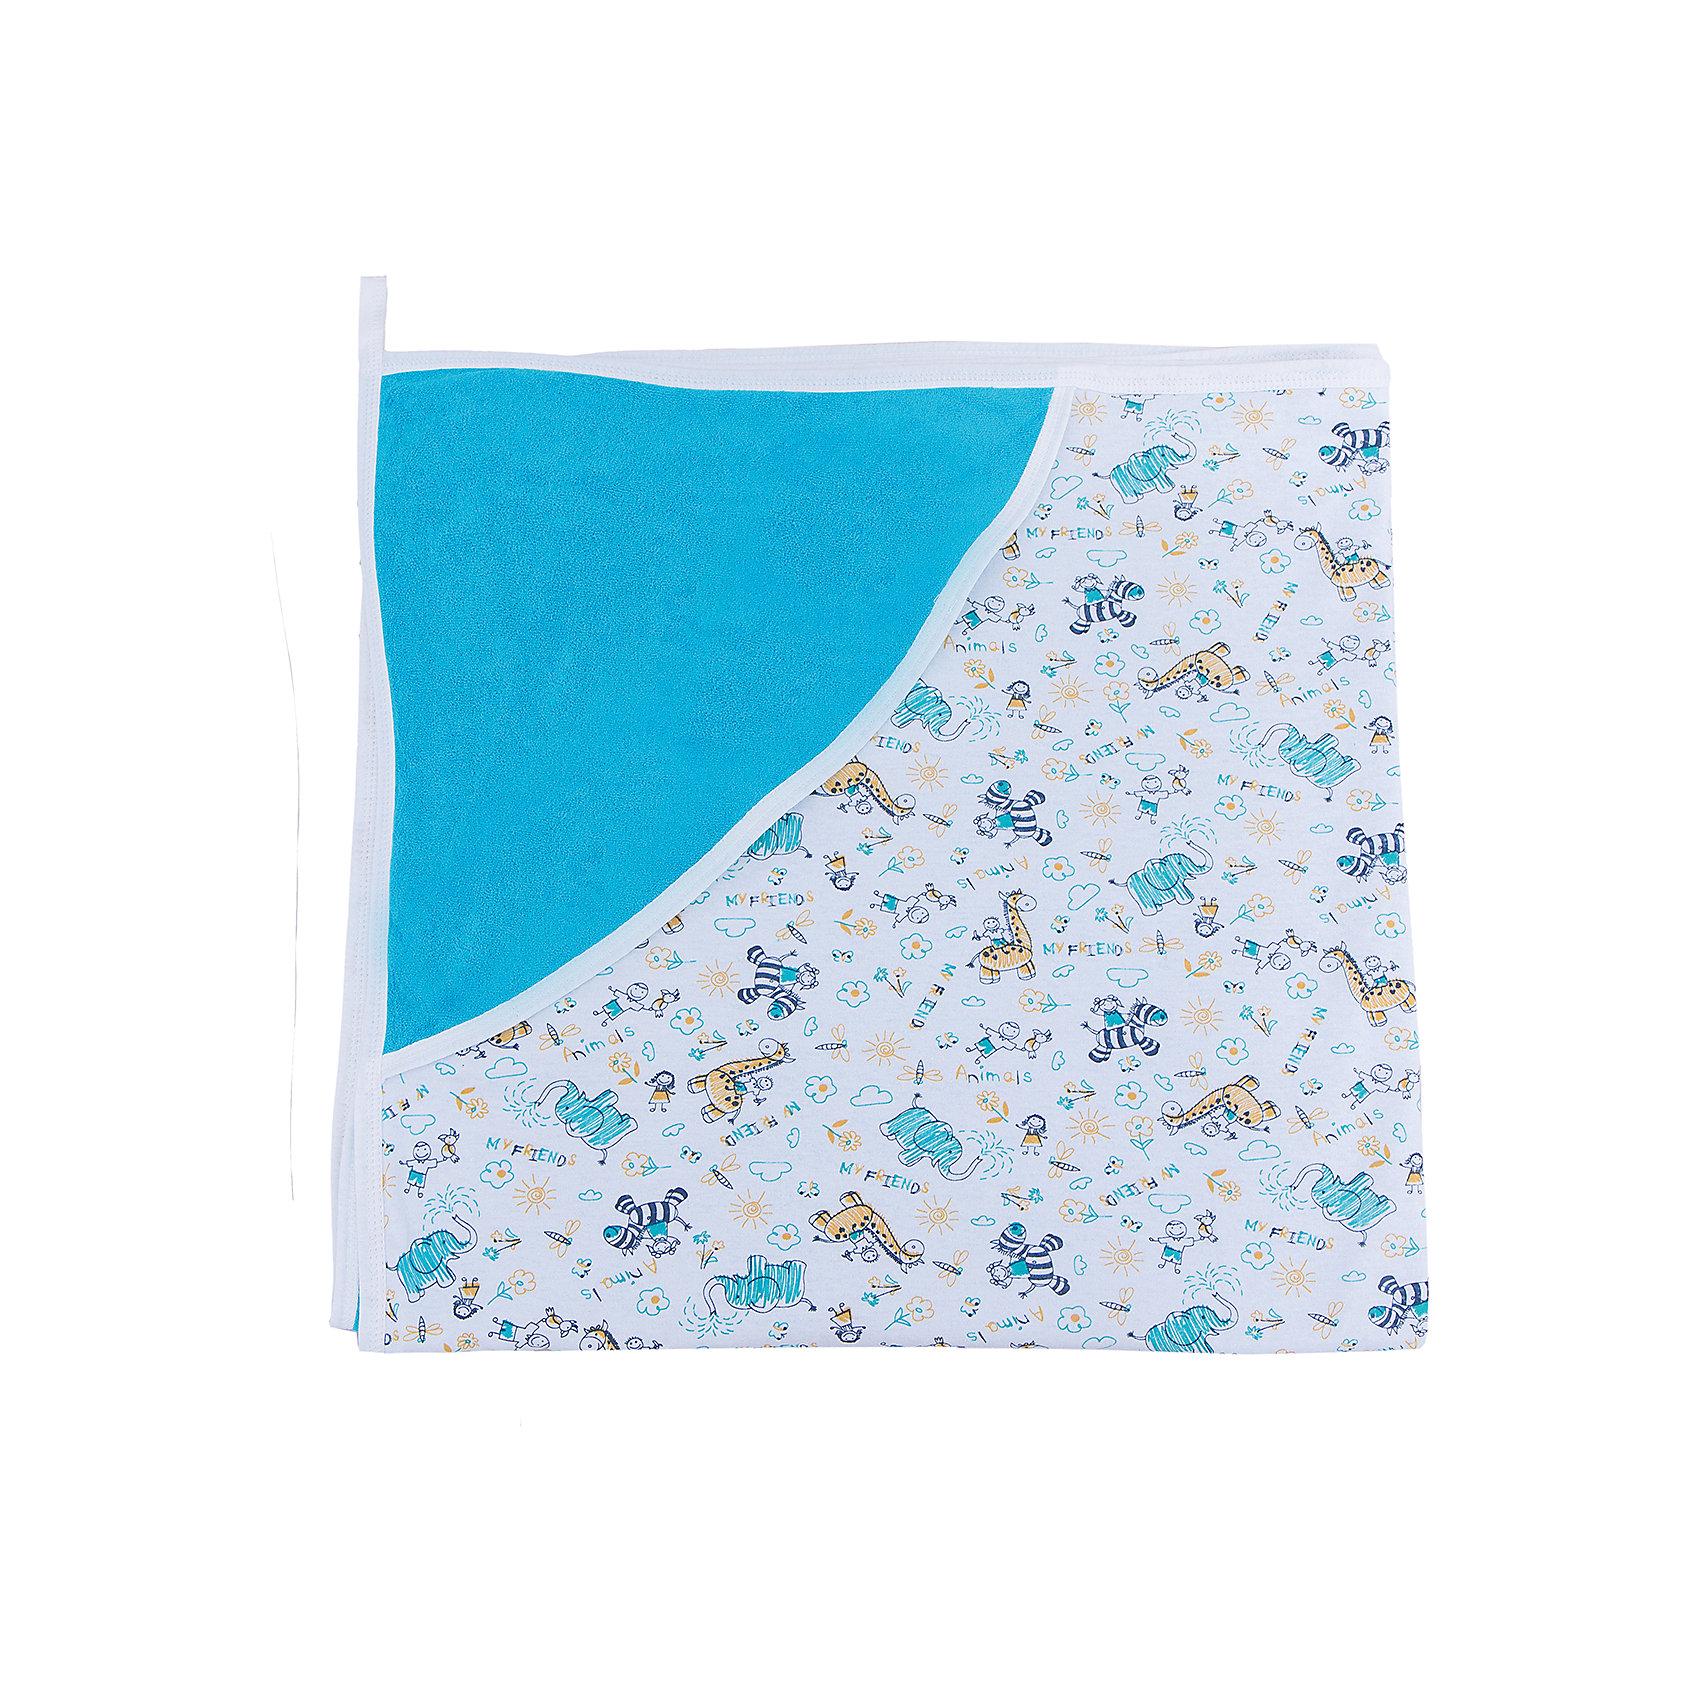 Пелёнка махровая, Сонный гномик, голубойХарактеристики:<br><br>• Вид детского текстиля: пеленка для купания<br>• Пол: для мальчика<br>• Тематика рисунка: сюжетный<br>• Сезон: круглый год<br>• Материал: хлопок 100%<br>• Цвет: голубой, белый, зеленый, бежевый<br>• Размеры: 90*90 см<br>• Наличие петельки для подвешивания<br>• Наличие уголка-капюшона<br>• Вес в упаковке: 320 г<br>• Особенности ухода: машинная стирка при температуре 30 градусов<br><br>Пелёнка махровая, Сонный гномик, голубой от отечественного торгового бренда изготовлена с учетом международных требований к качеству и безопасности товаров для детей. Пелёнка имеет удобную квадратную форму. Одна сторона выполнена из махрового полотна, вторая – из трикотажного полотна. Пеленка предназначена для купания, для удобства ее использования предусмотрена петелька для подвешивания на крючок. Для защиты головы малыша имеется капюшон в форме уголка. Изделие выполнено из натурального хлопка, что обеспечивает его хорошие влаговпитывающие свойства, при этом полотенце быстро высыхает и легко стирается. <br>Пелёнка махровая, Сонный гномик, голубой обеспечит комфорт как во время купания, так и отдыха после приема ванны! <br><br>Пелёнку махровую, Сонный гномик, голубую можно купить в нашем интернет-магазине.<br><br>Ширина мм: 140<br>Глубина мм: 50<br>Высота мм: 120<br>Вес г: 320<br>Возраст от месяцев: 0<br>Возраст до месяцев: 48<br>Пол: Мужской<br>Возраст: Детский<br>SKU: 5213395